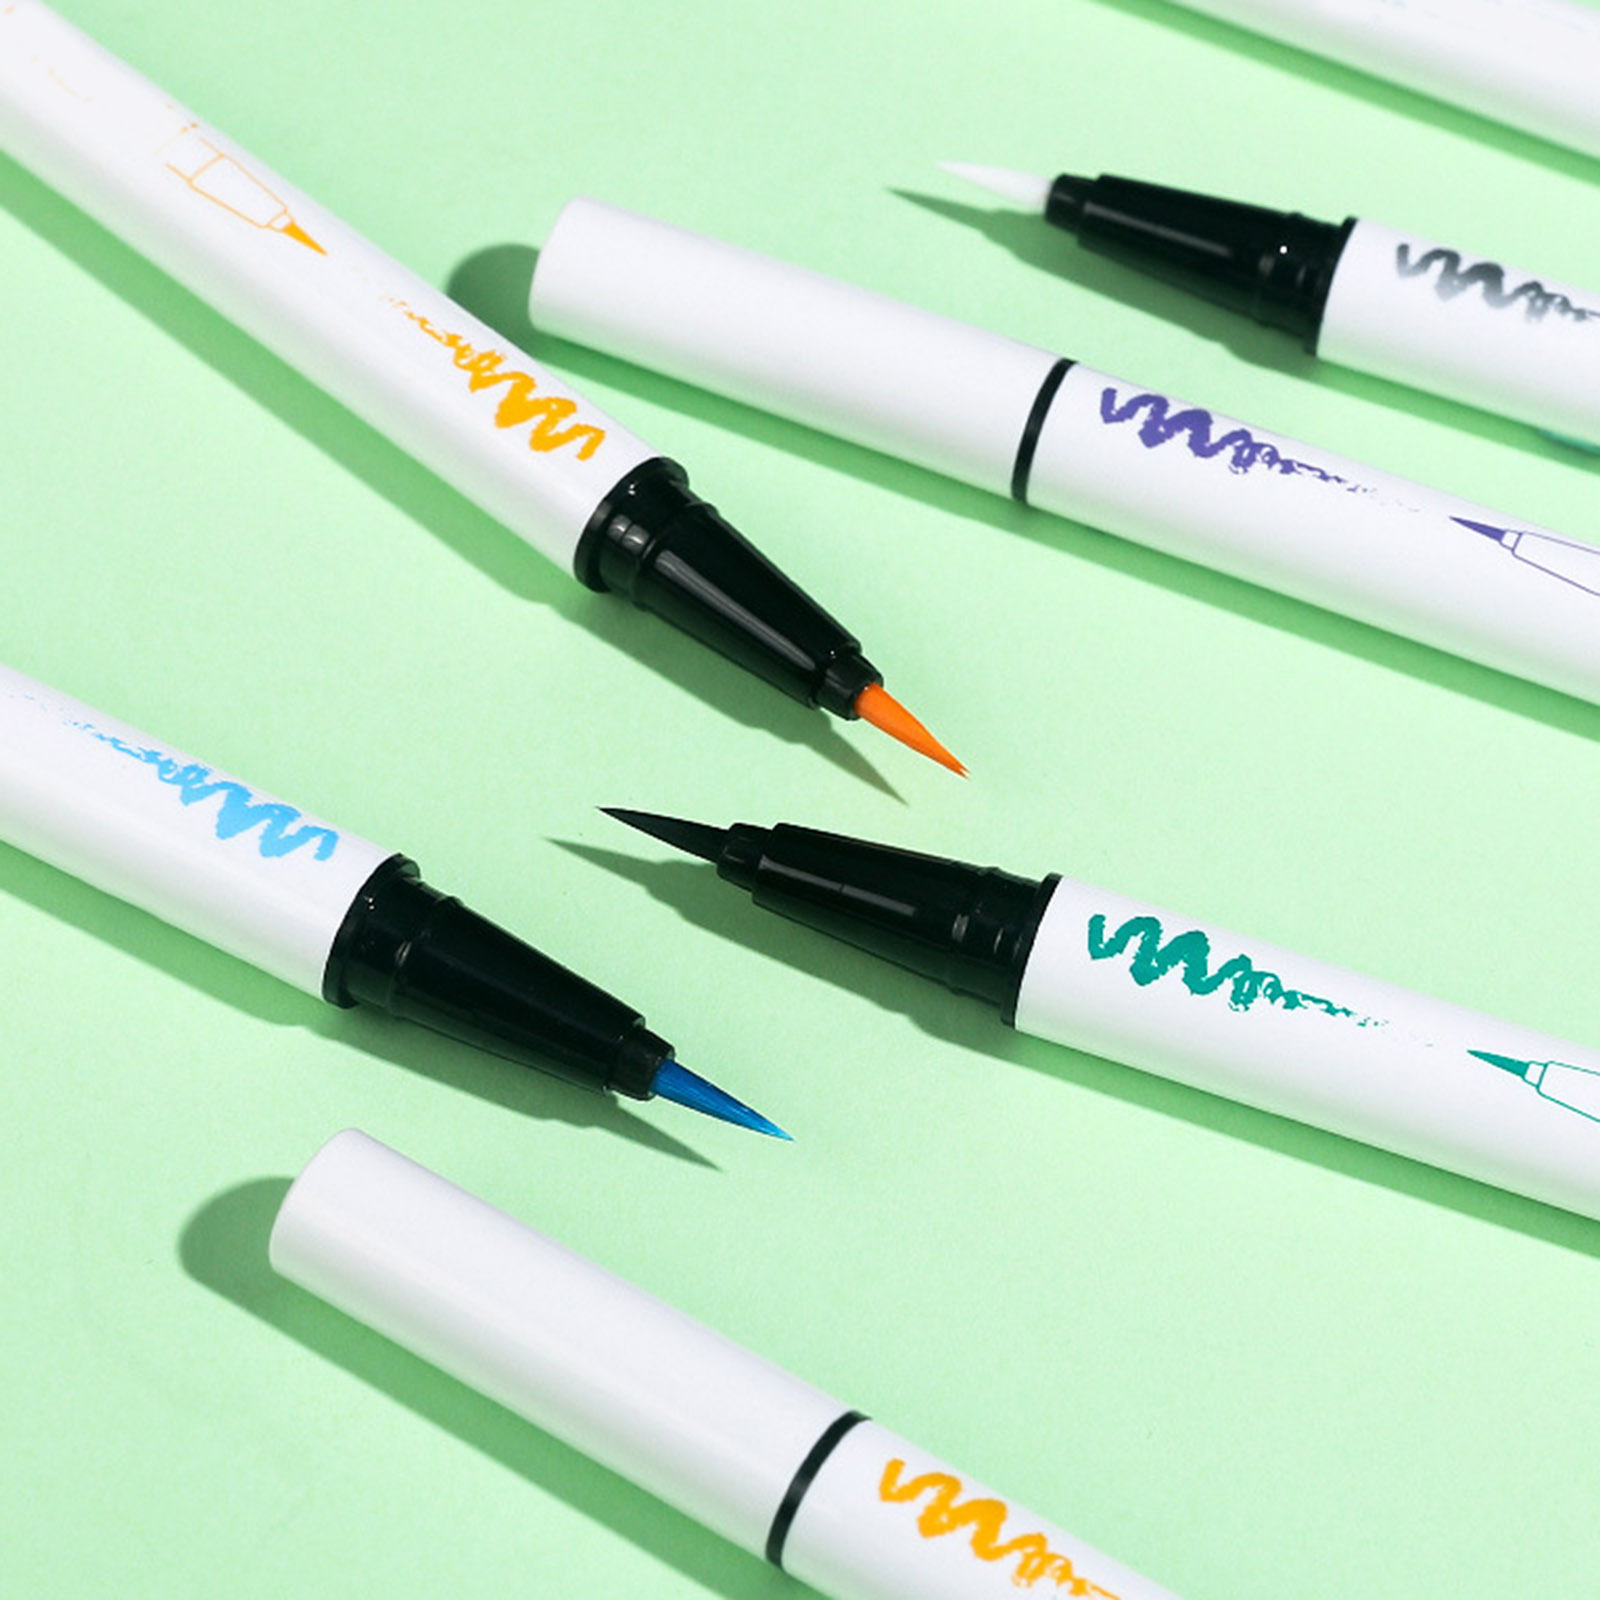 Lápis duradouro à moda do delineador com